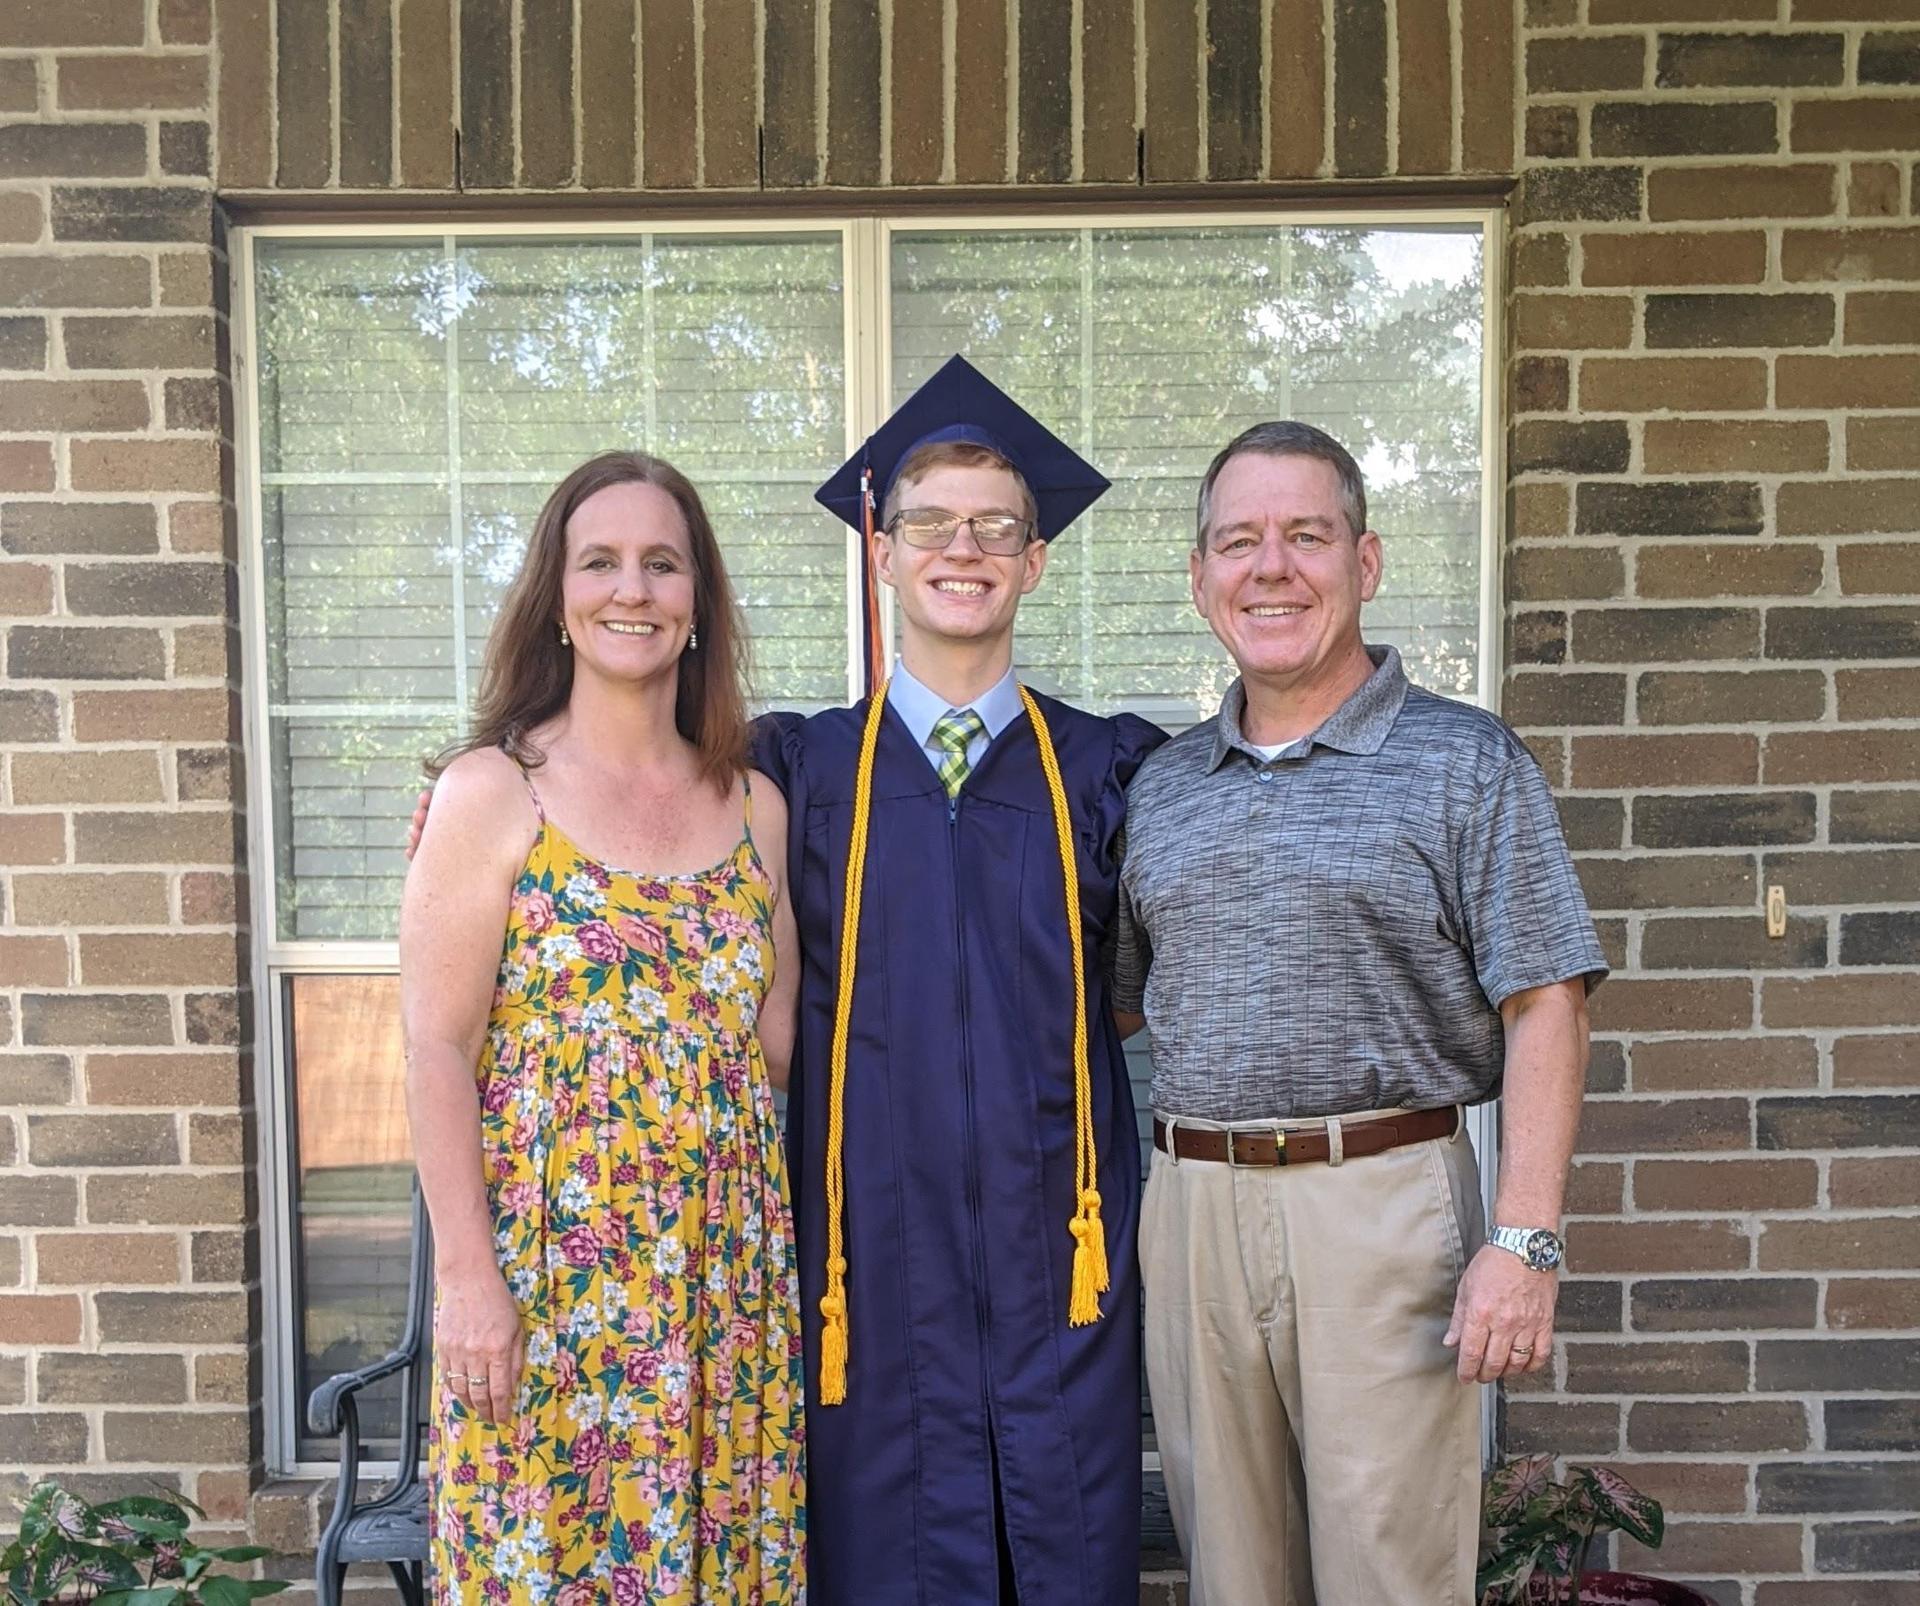 Mrs. U, Benjamin, and Mr. U